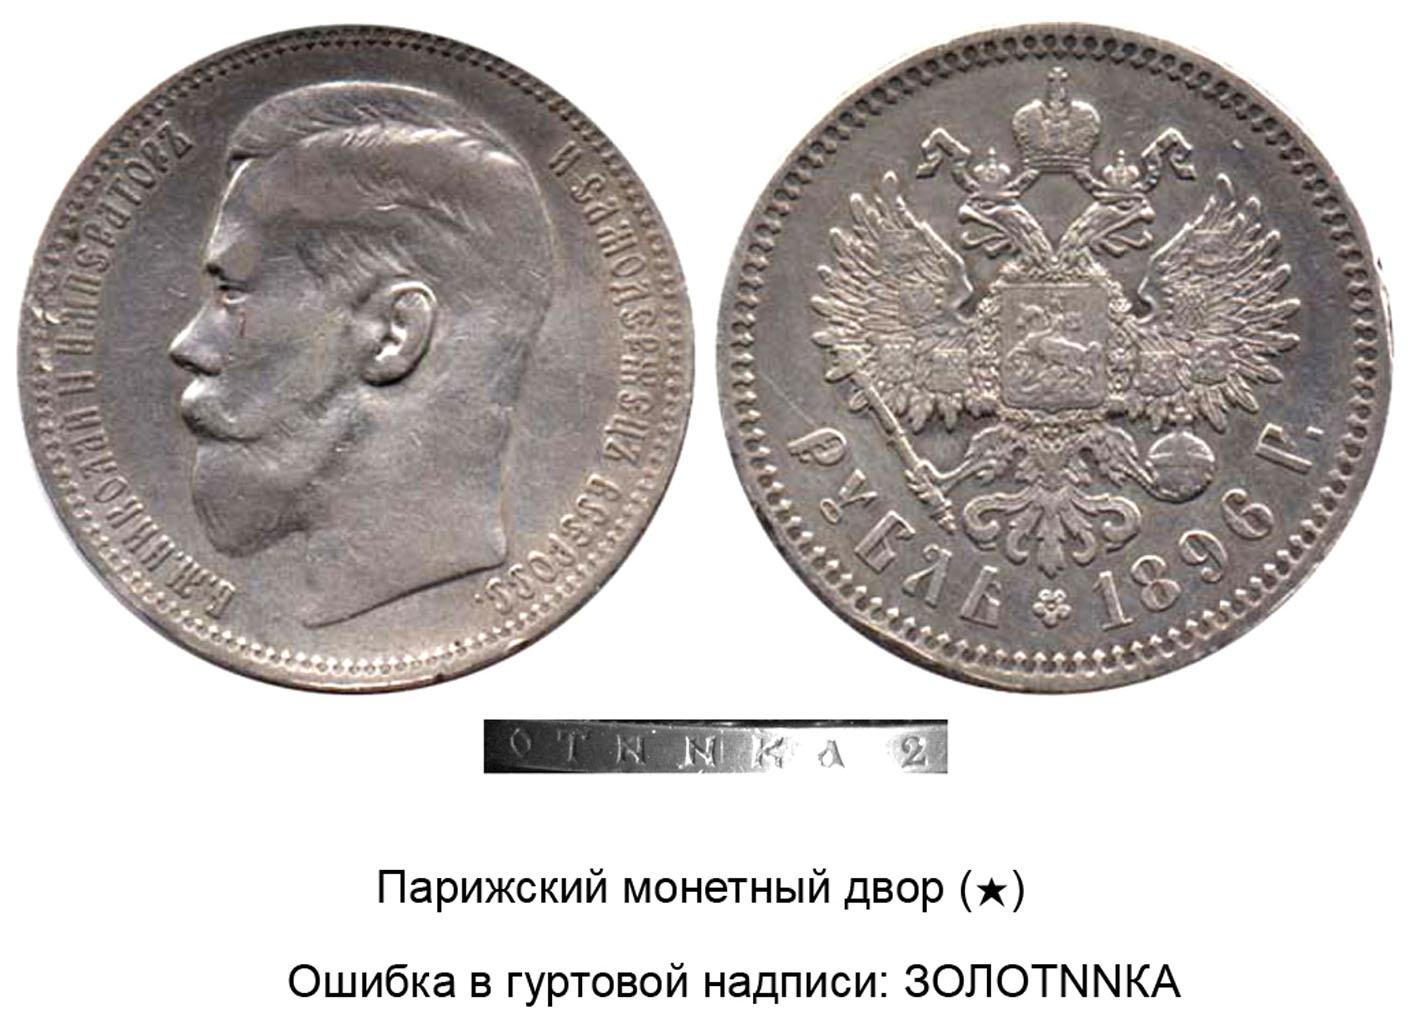 Рубль 1896 - Париж - ЗОЛОТNNКА .jpg